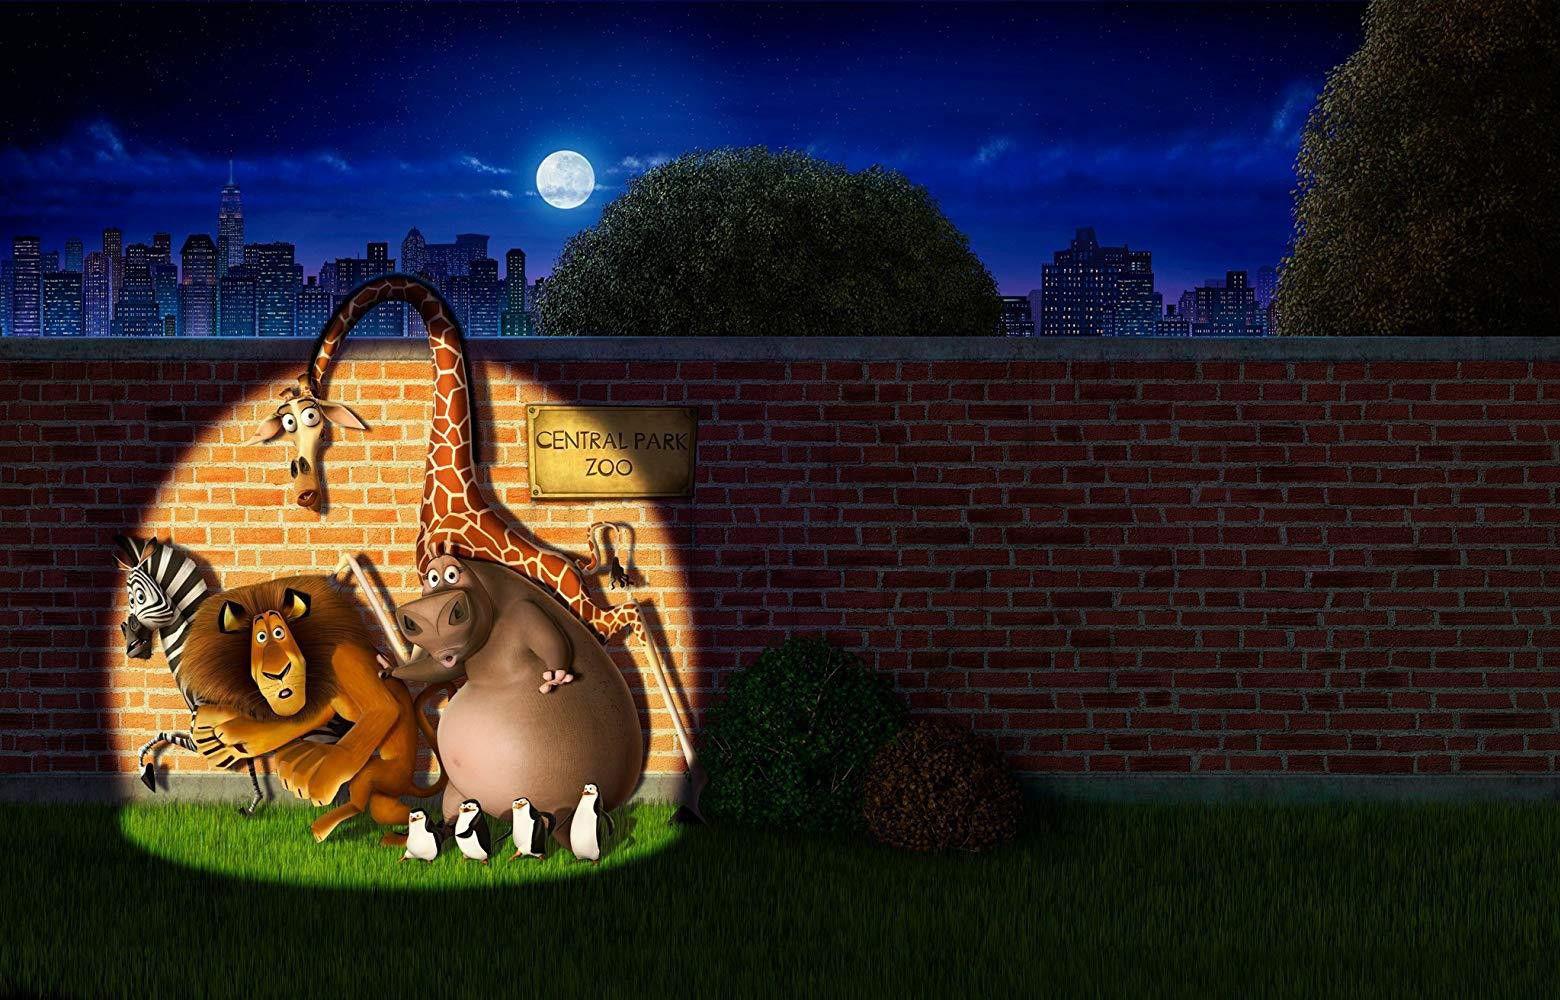 Top 5 phim hoạt hình về động vật ngộ nghĩnh, đáng yêu và dễ thương (5)